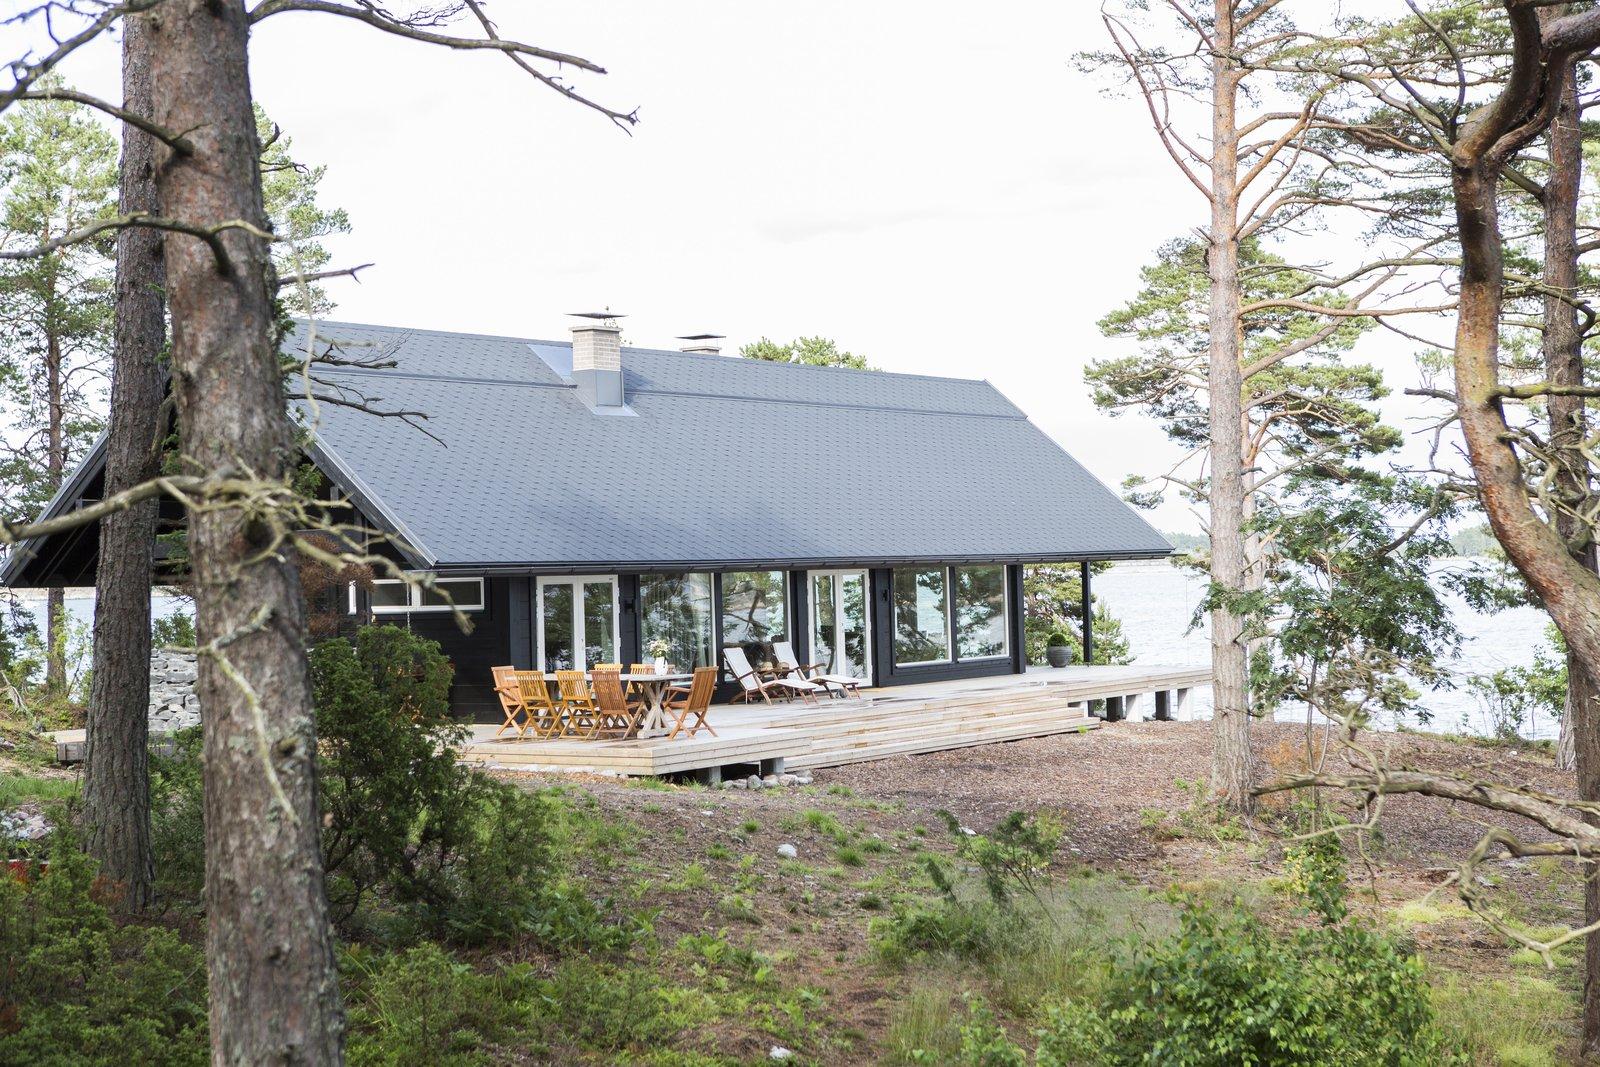 Saari log cabin kit home lakeside exterior.